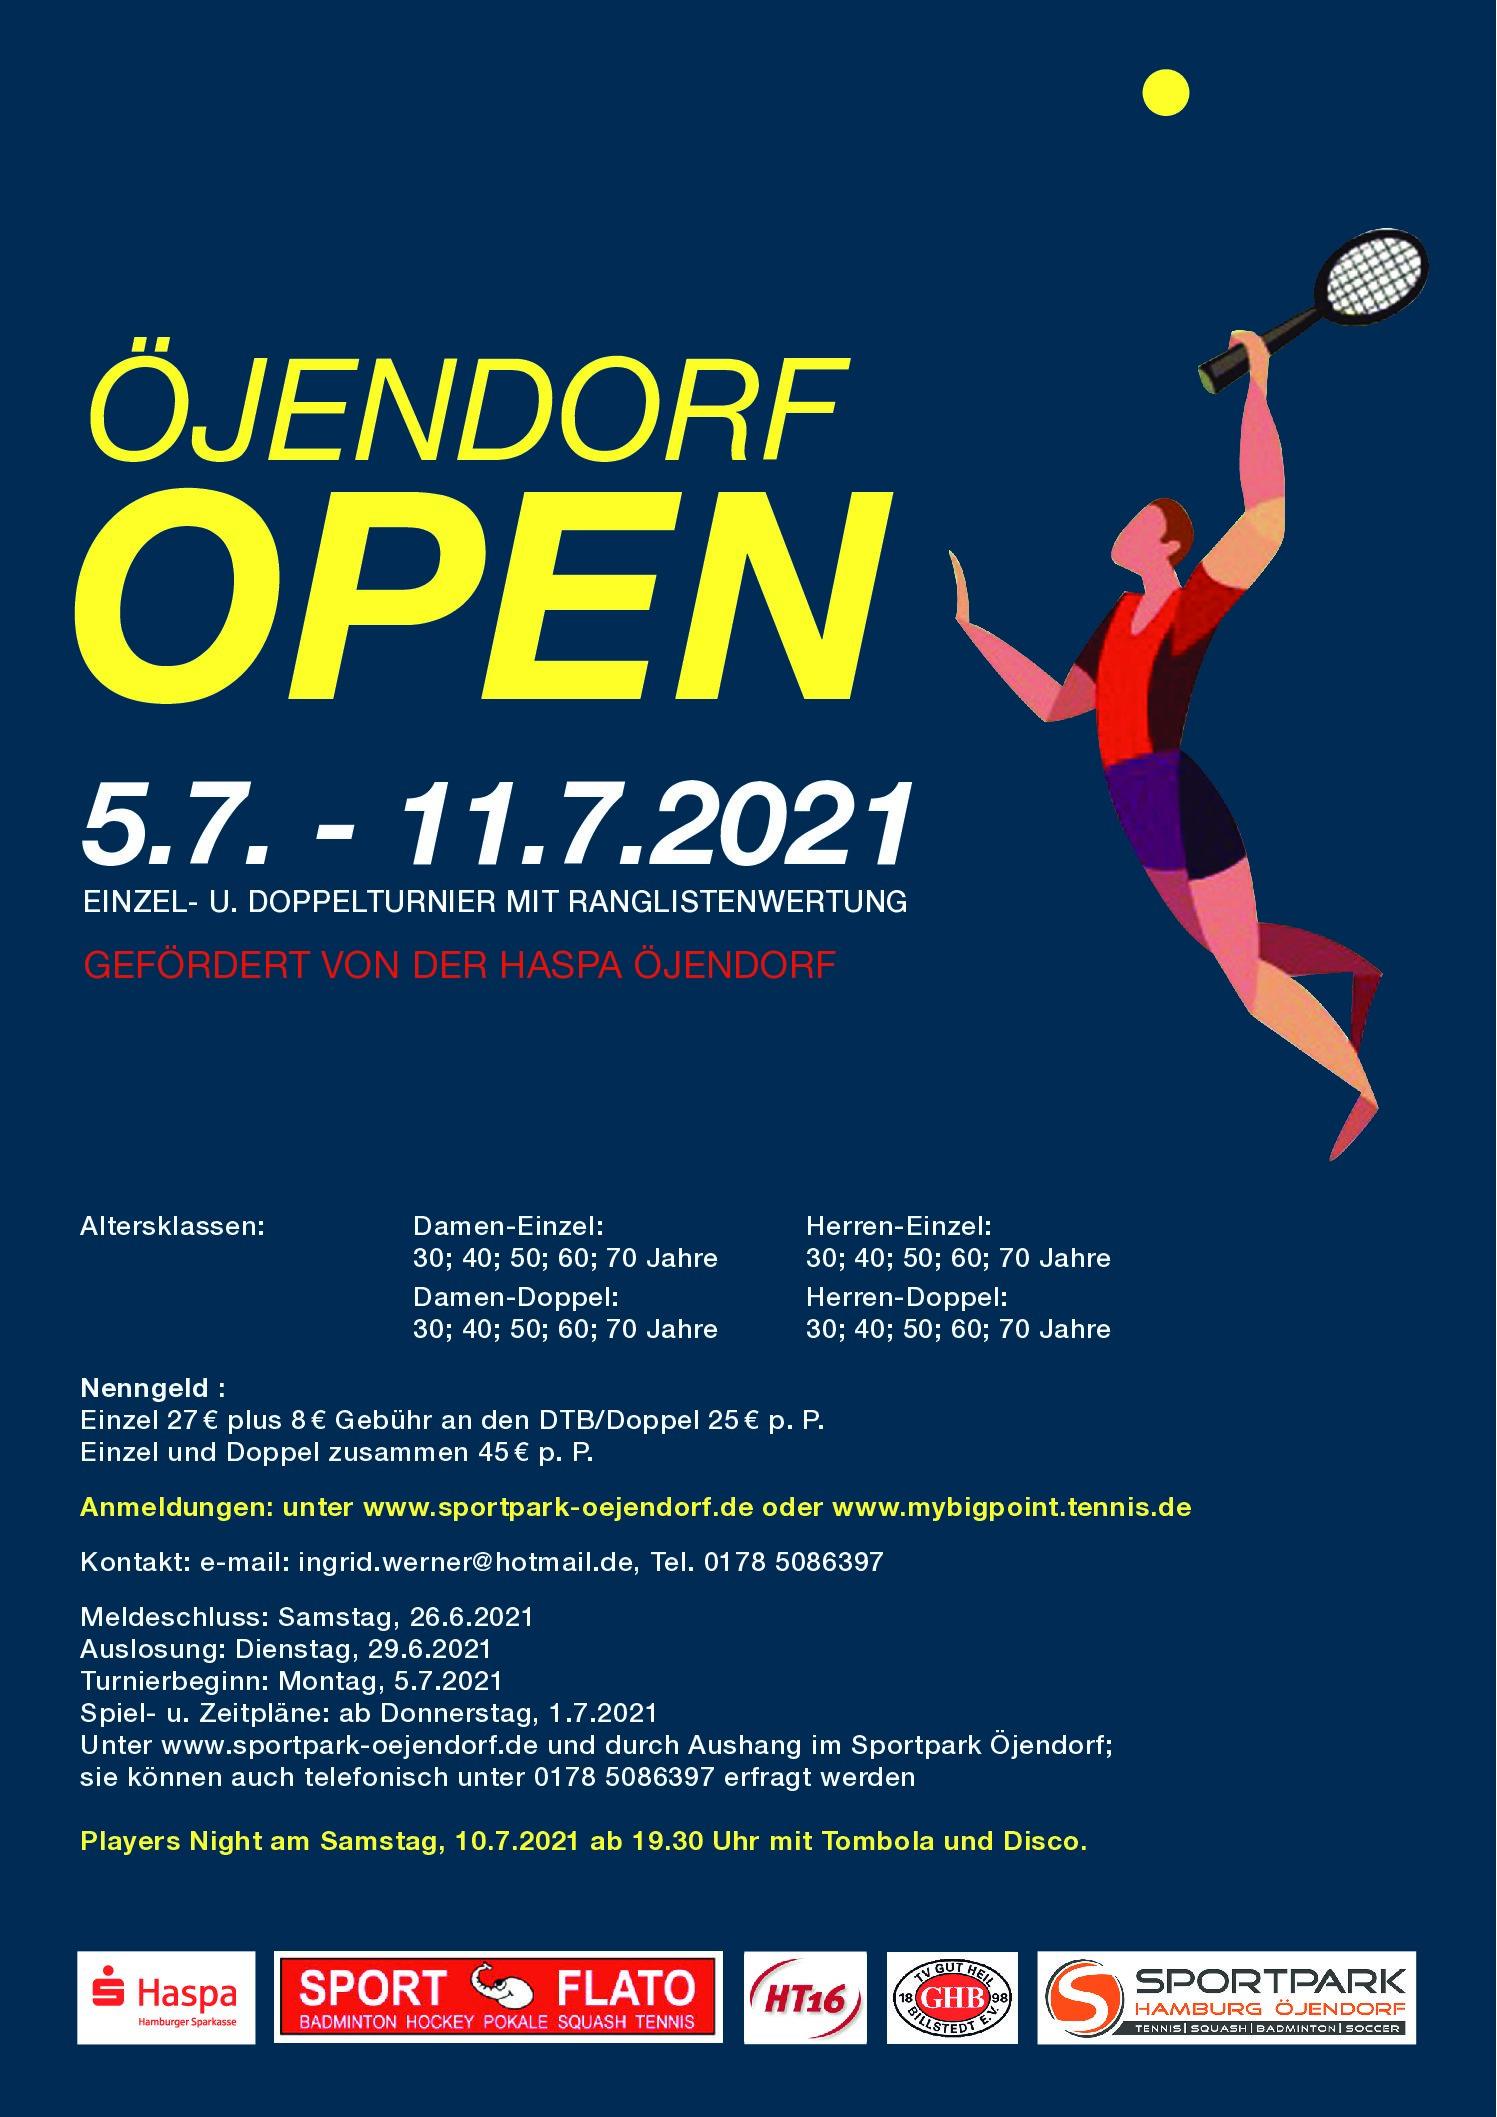 7. Öjendorf Open 2021